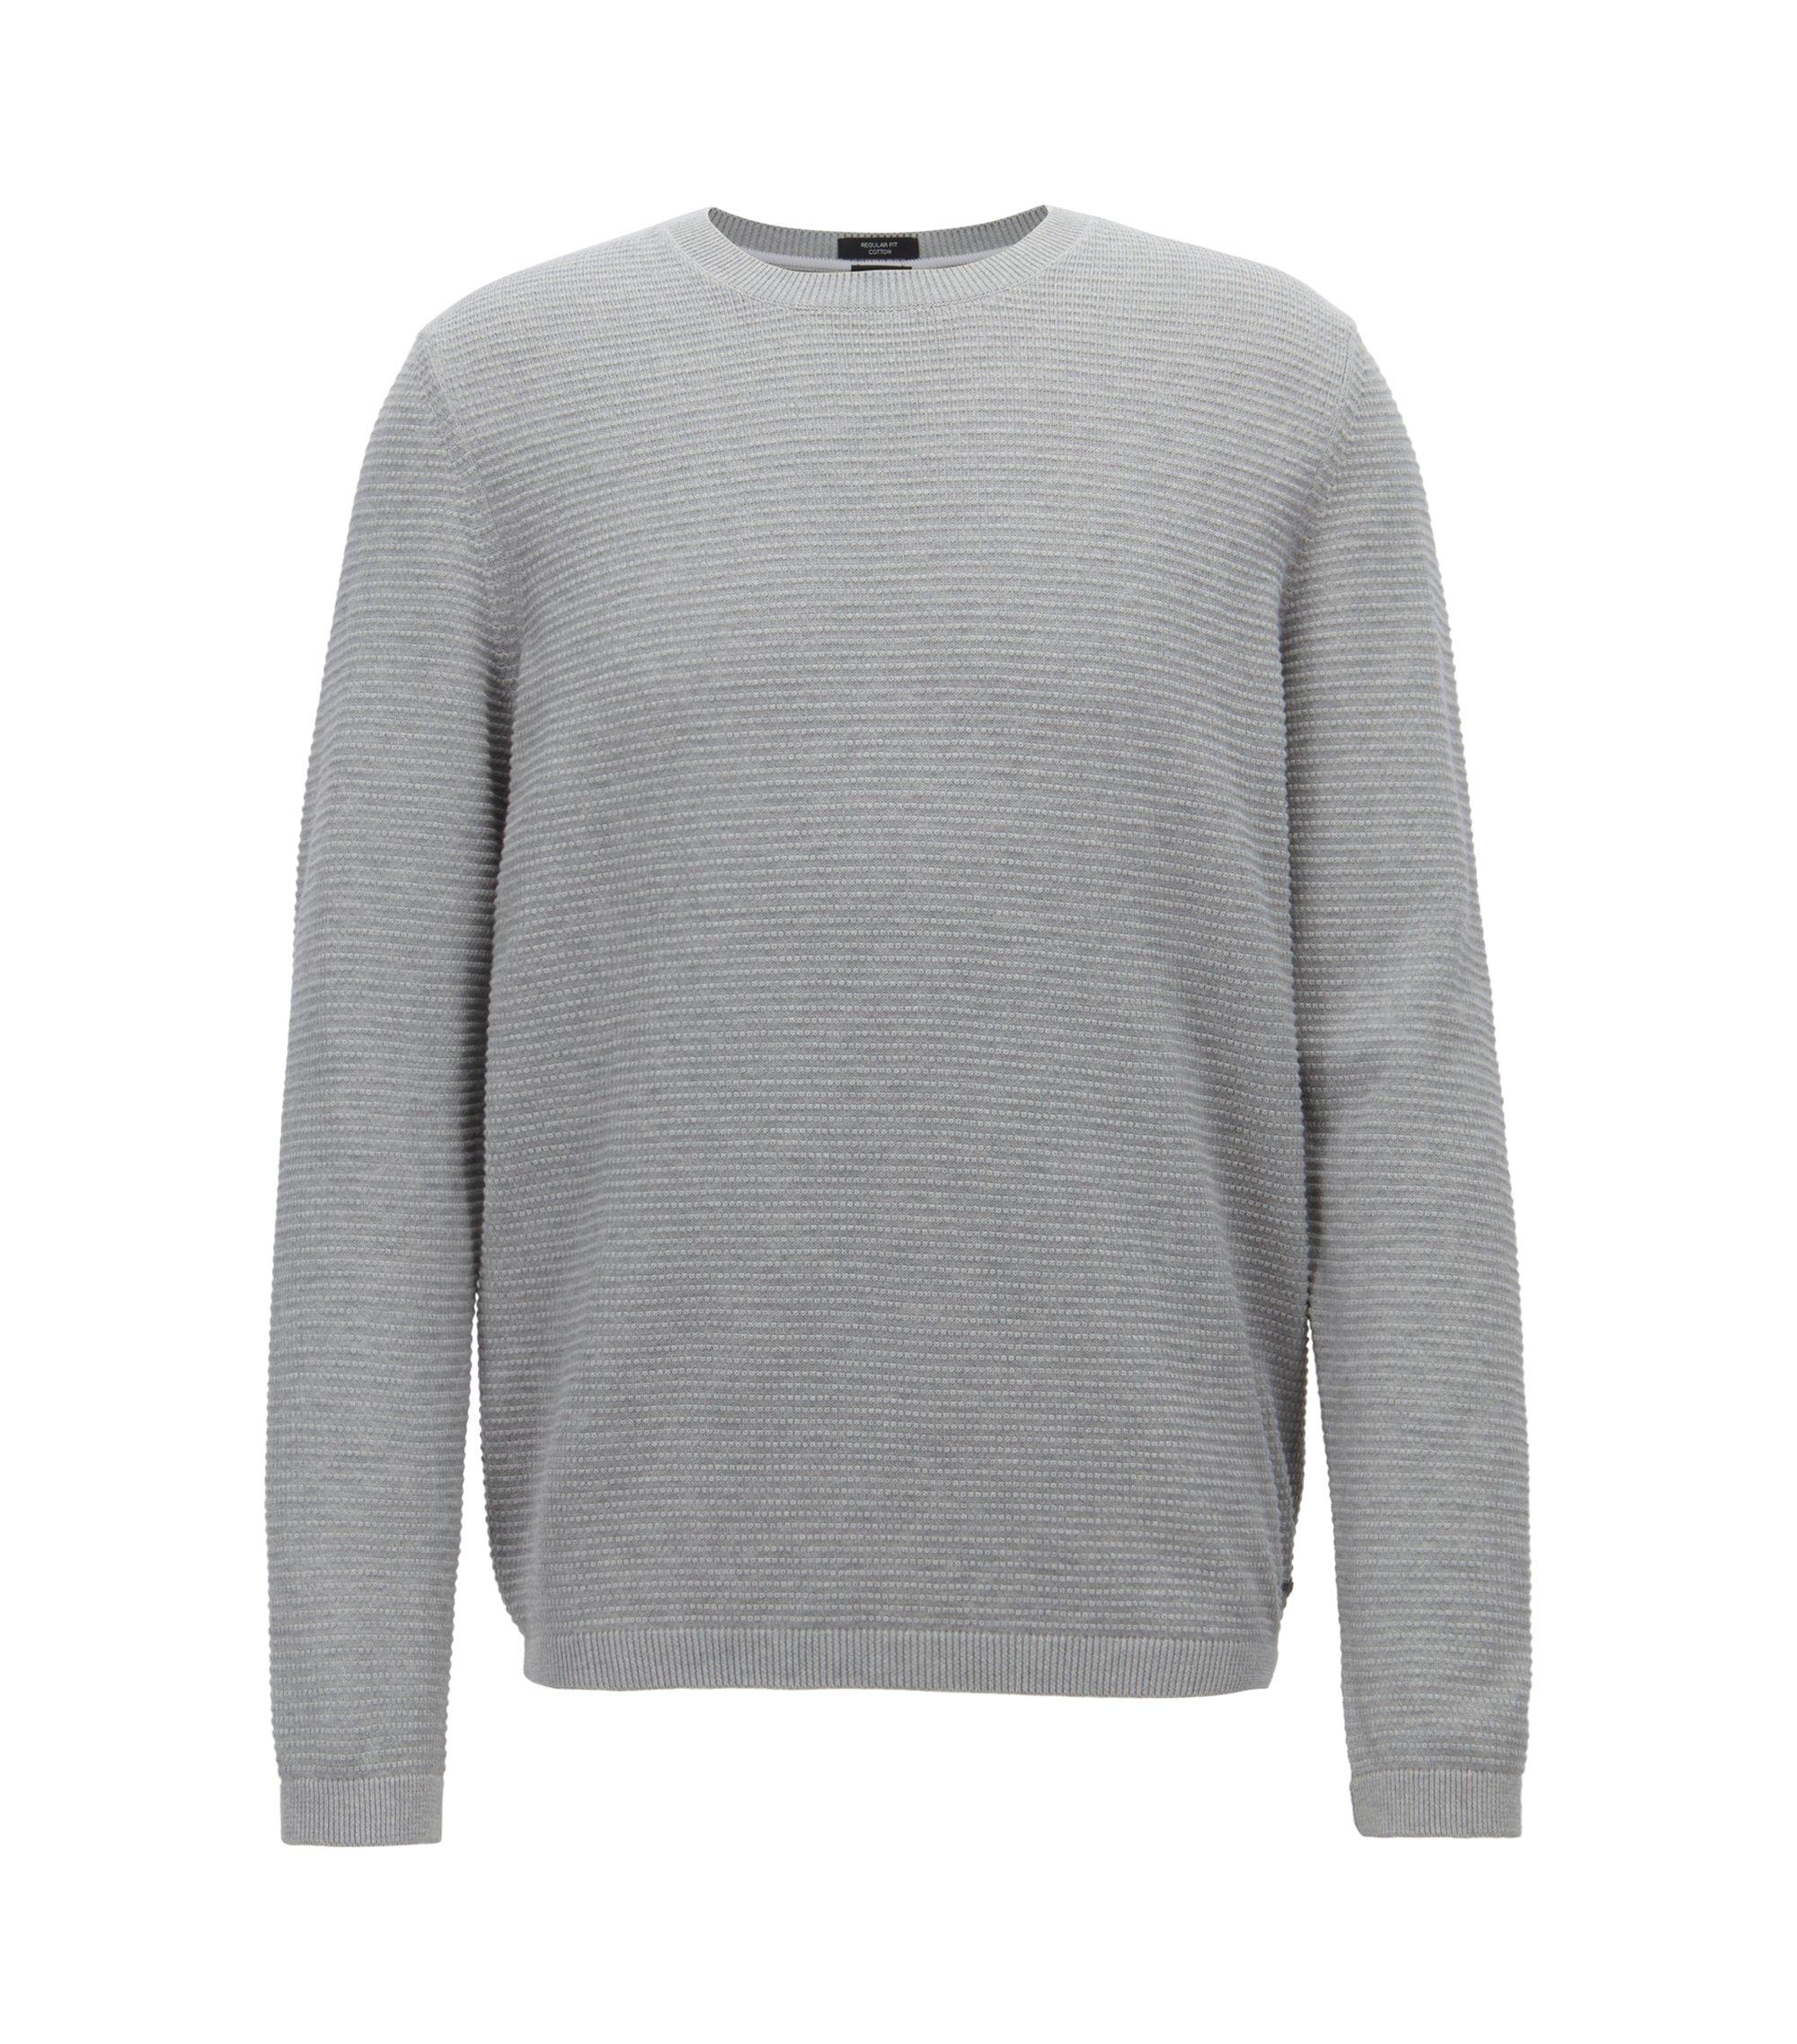 Pullover aus ägyptischer Baumwolle mit filigraner Struktur, Grau